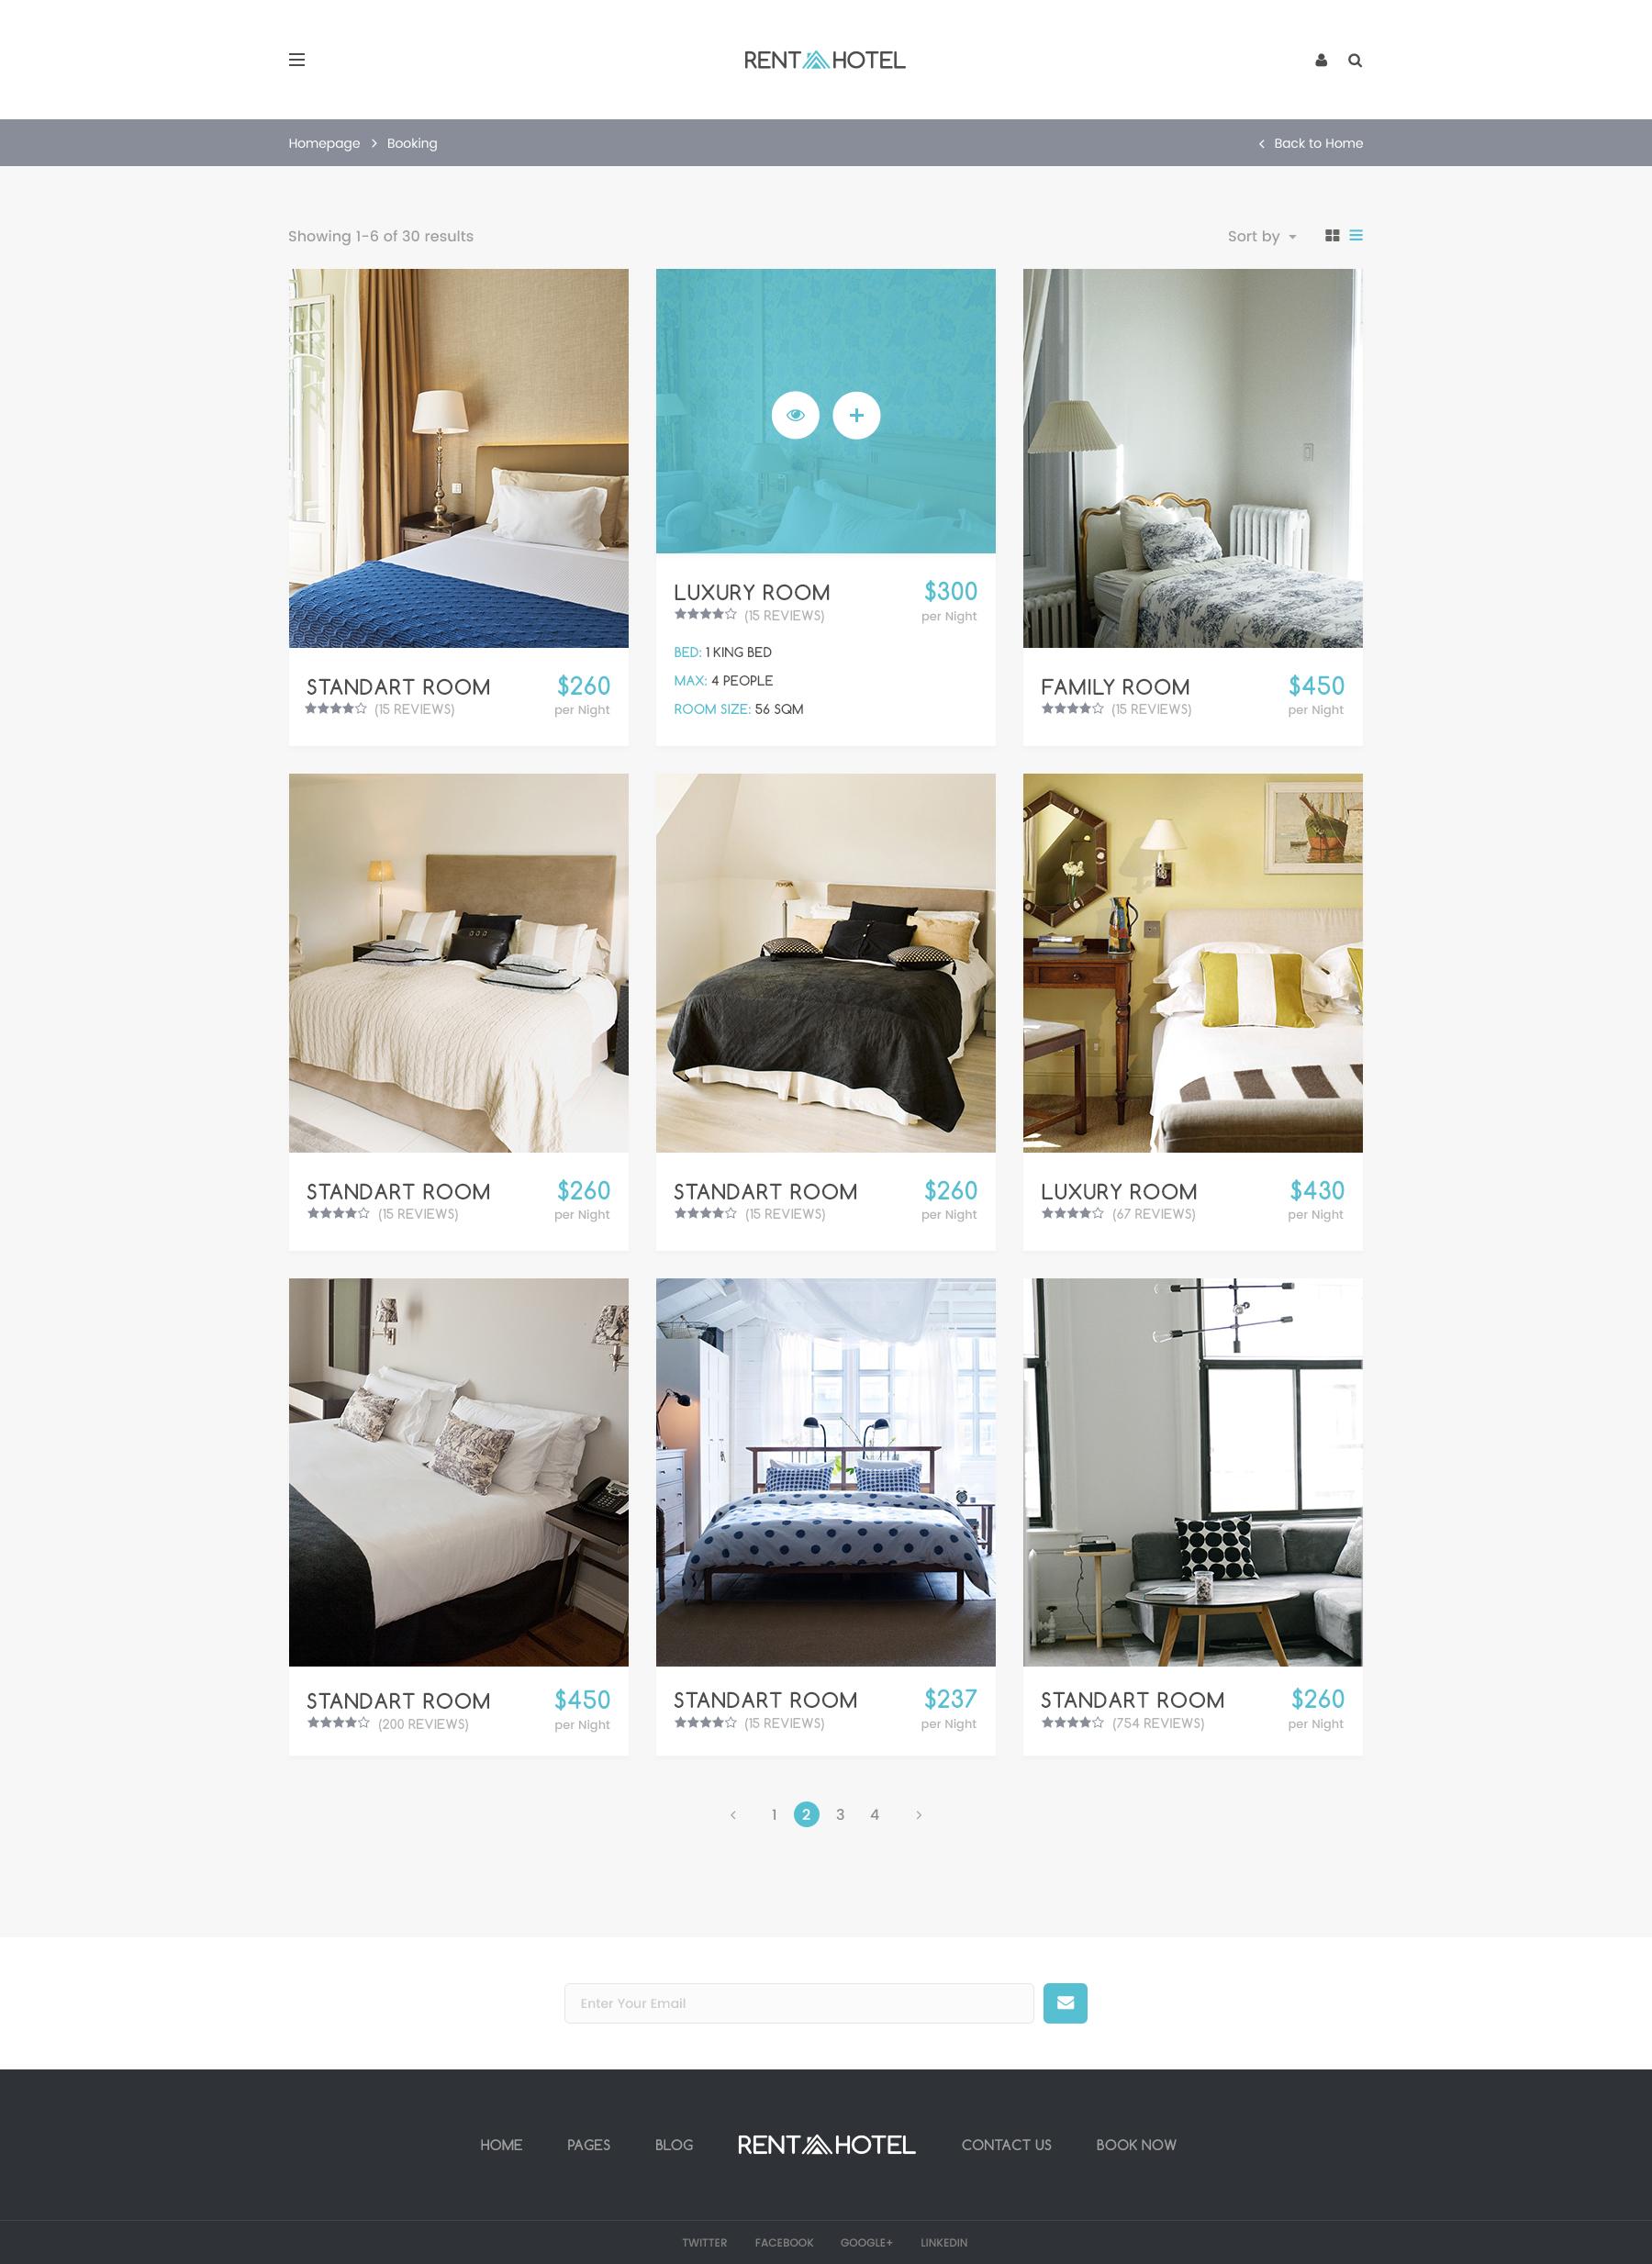 Rent A Hotel Hostel Guest House Booking Website Psd